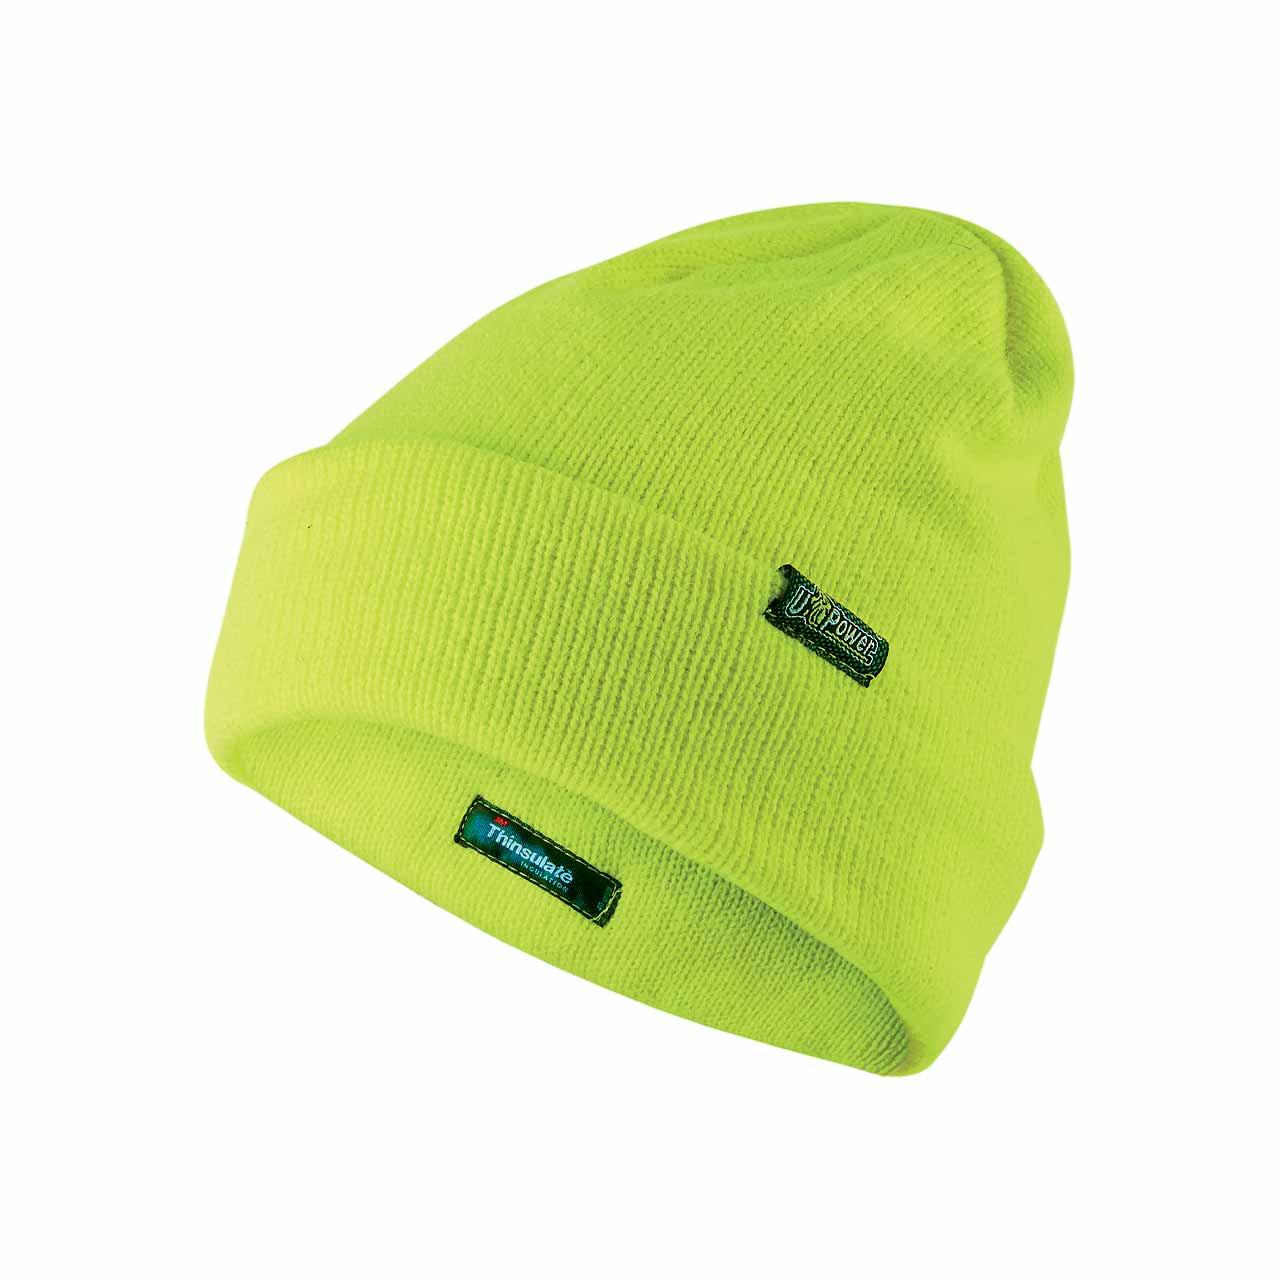 berretto invernale da lavoro upower colore yellow fluo prodotto